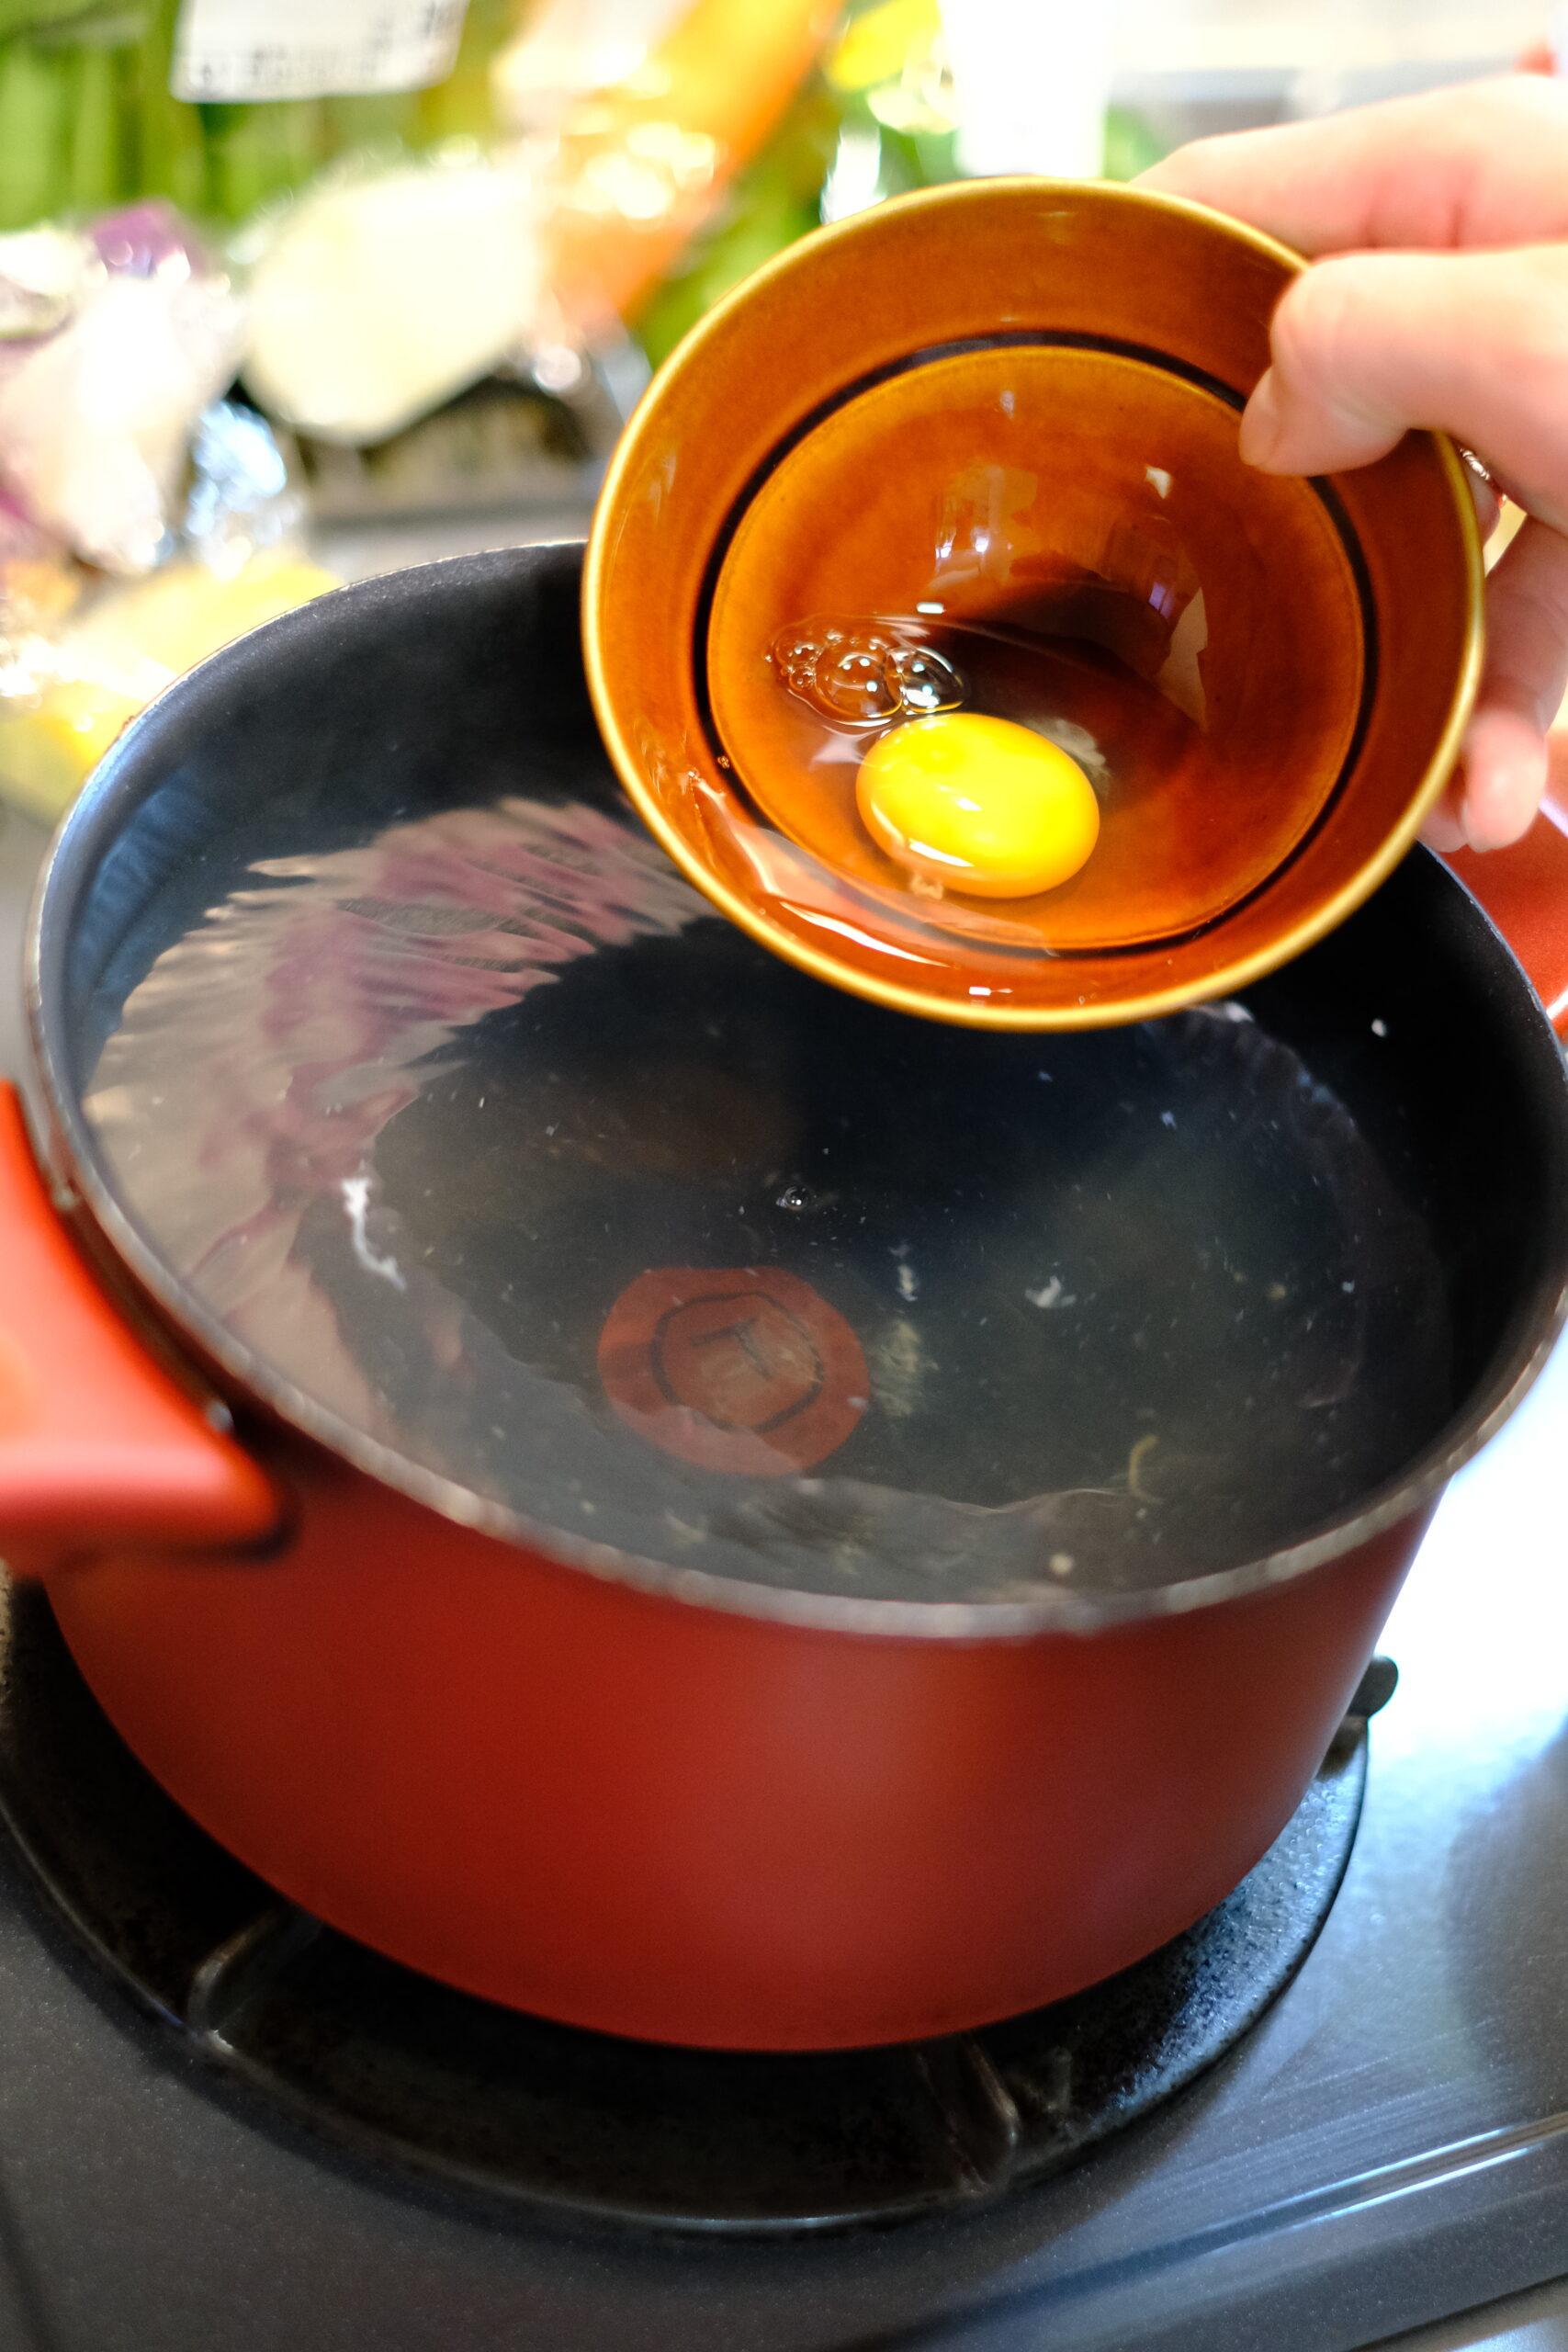 鍋のお湯の渦の中心に割った卵を入れようとしている画像です